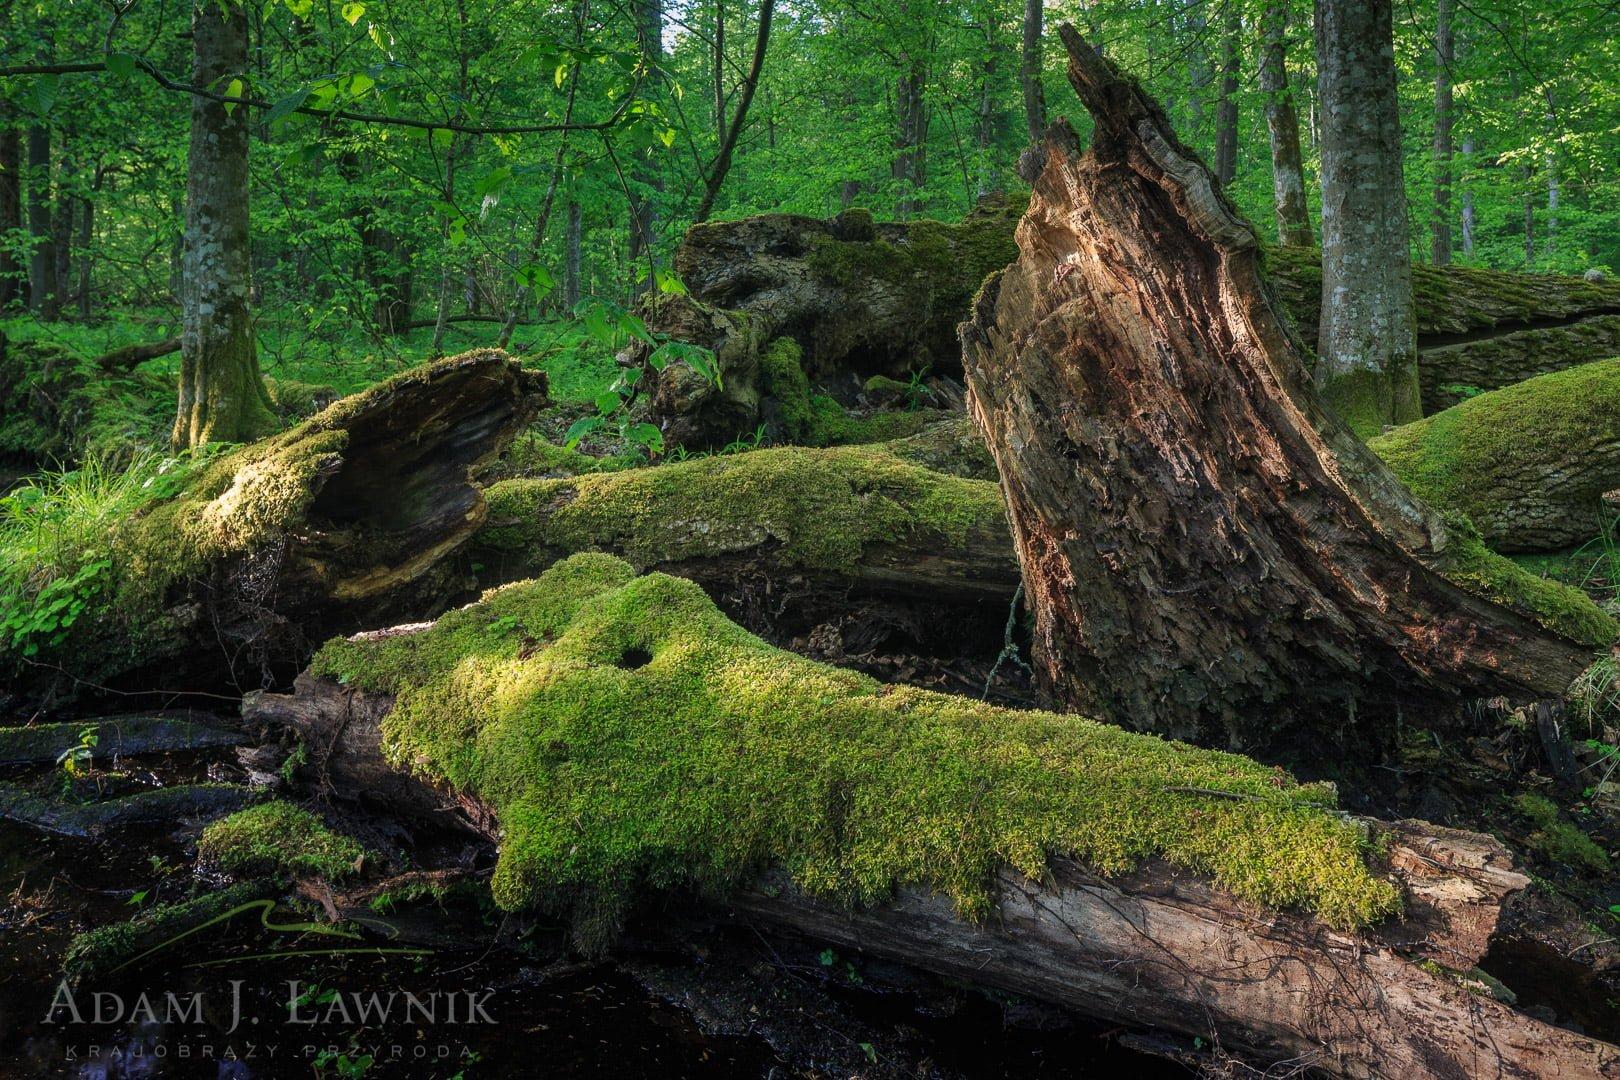 Martwe drewno w Białowieskim Parku Narodowym